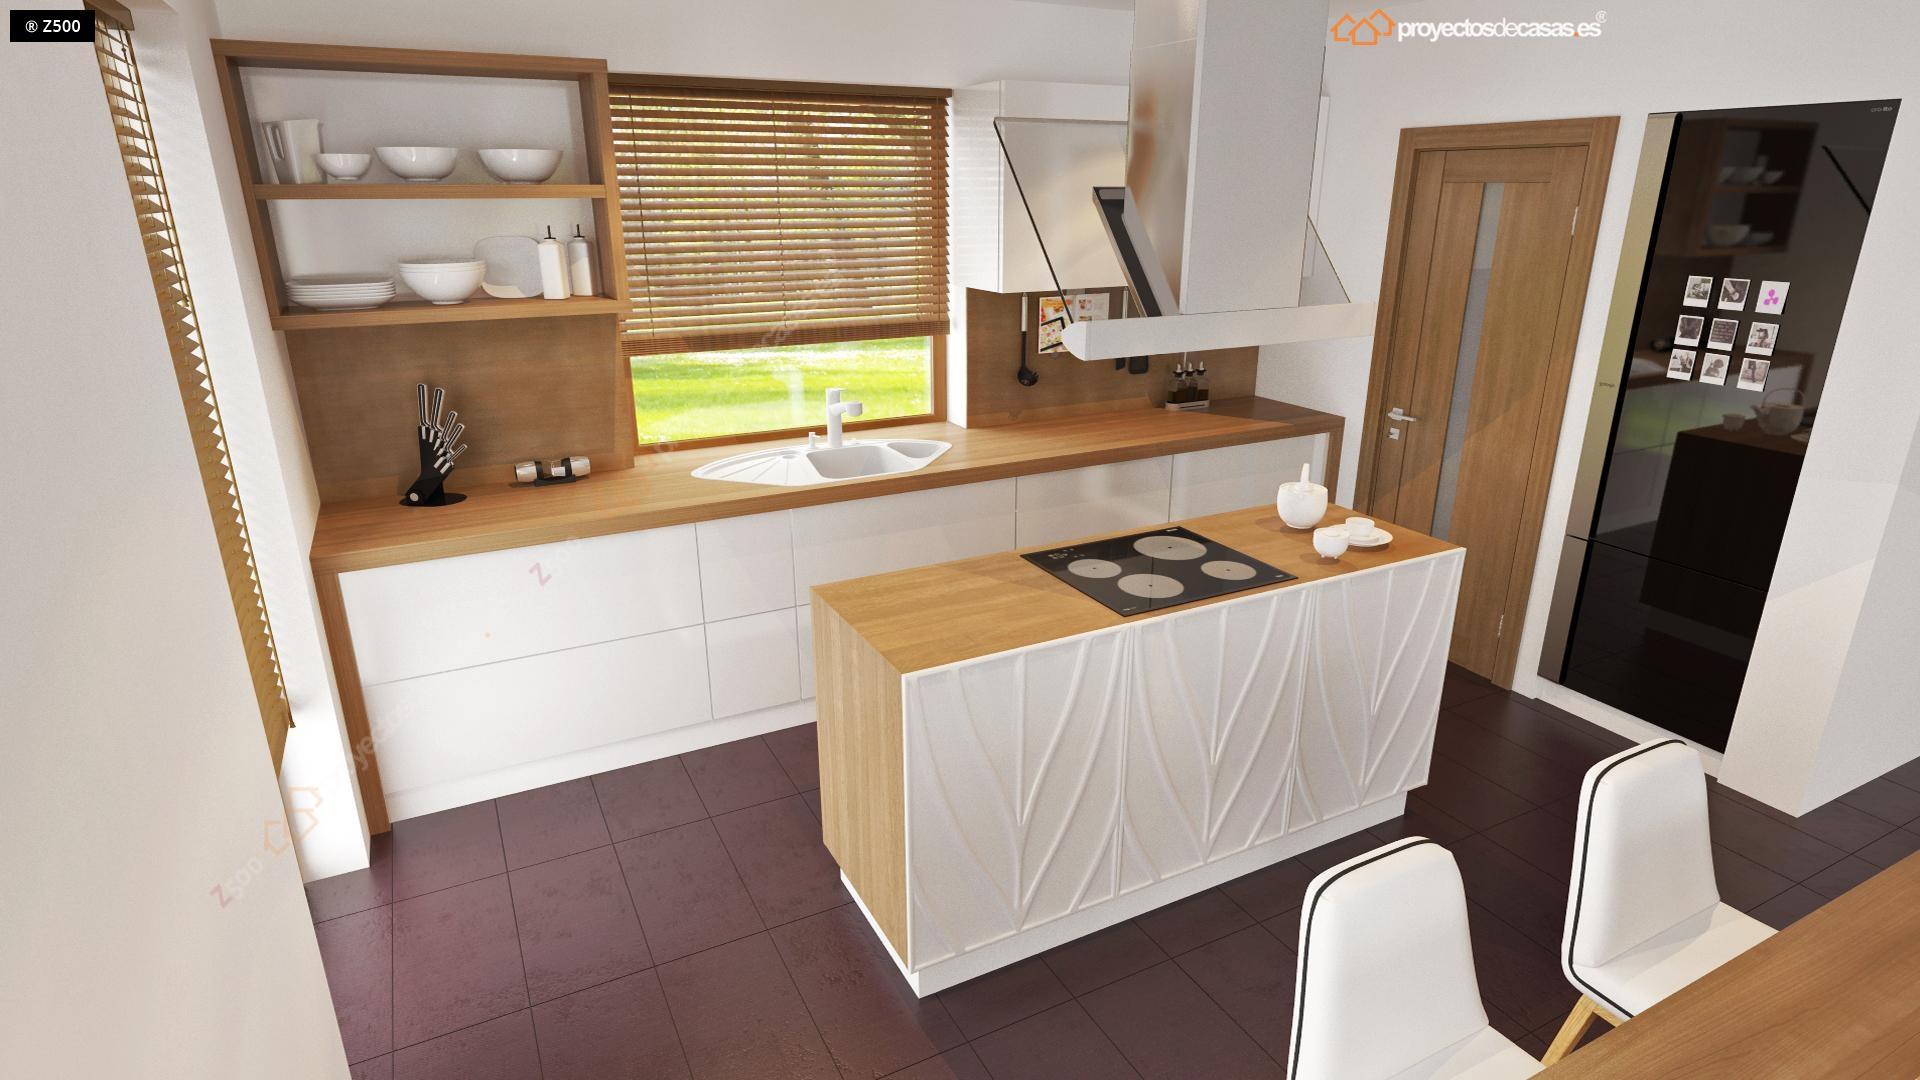 Proyectos de casas casa de dise o de 1 planta con for Proyecto cocina pequena